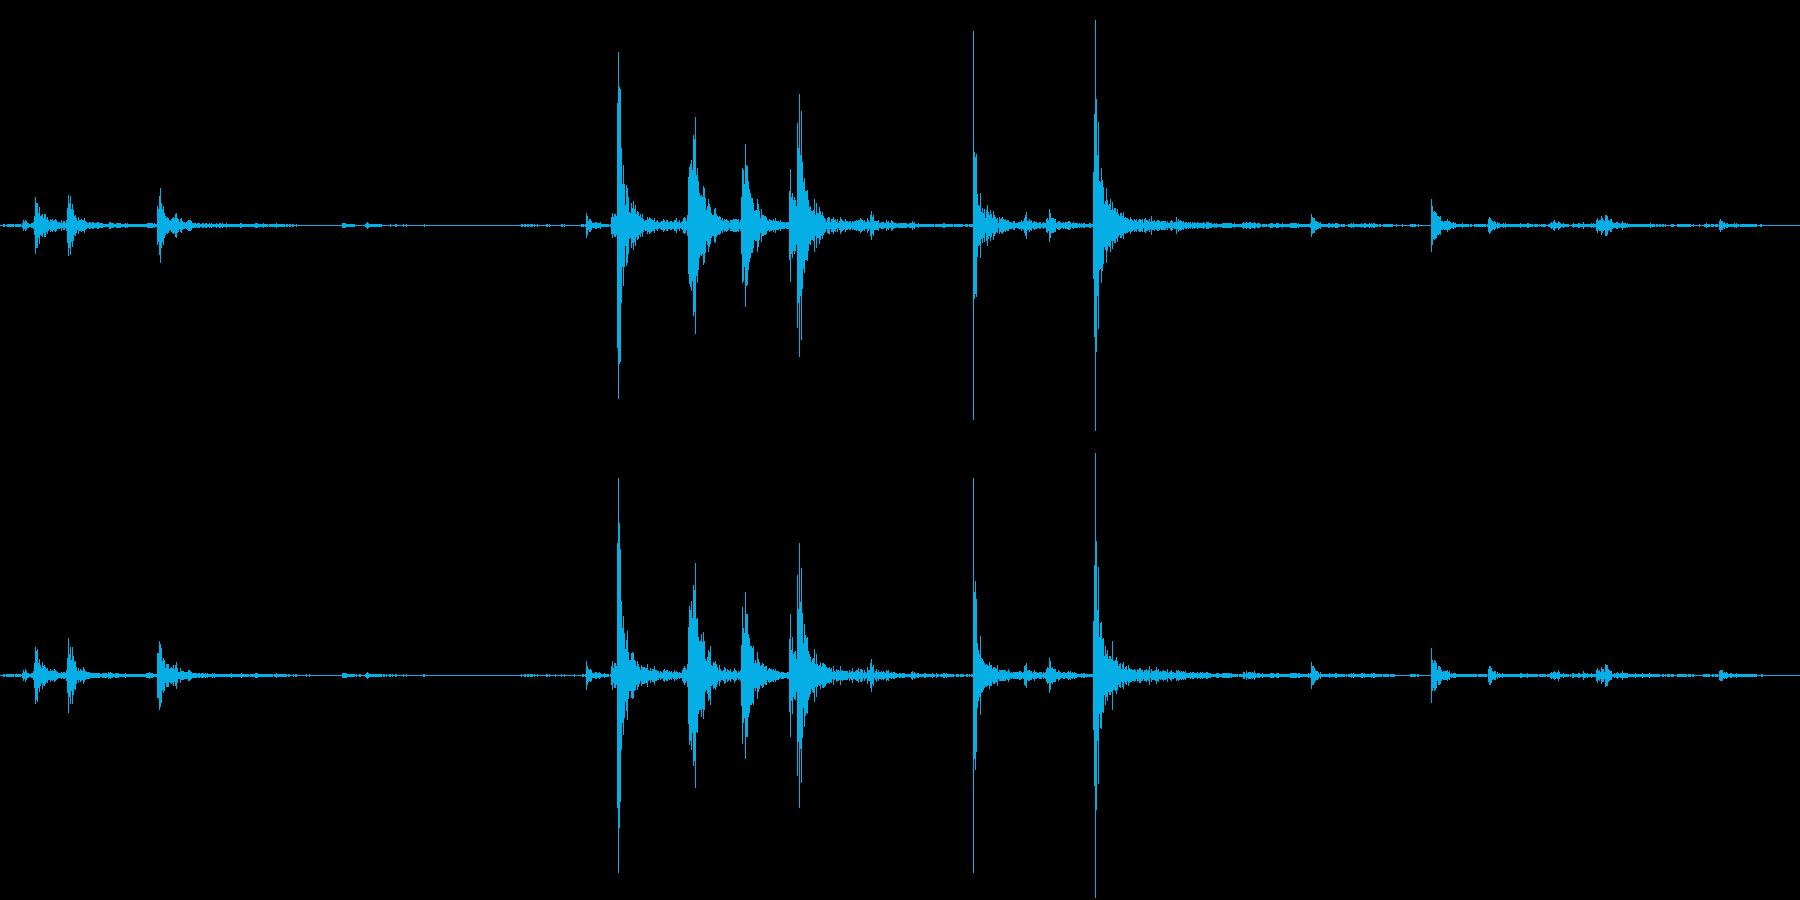 【生録音】弁当・惣菜パックの音 5の再生済みの波形